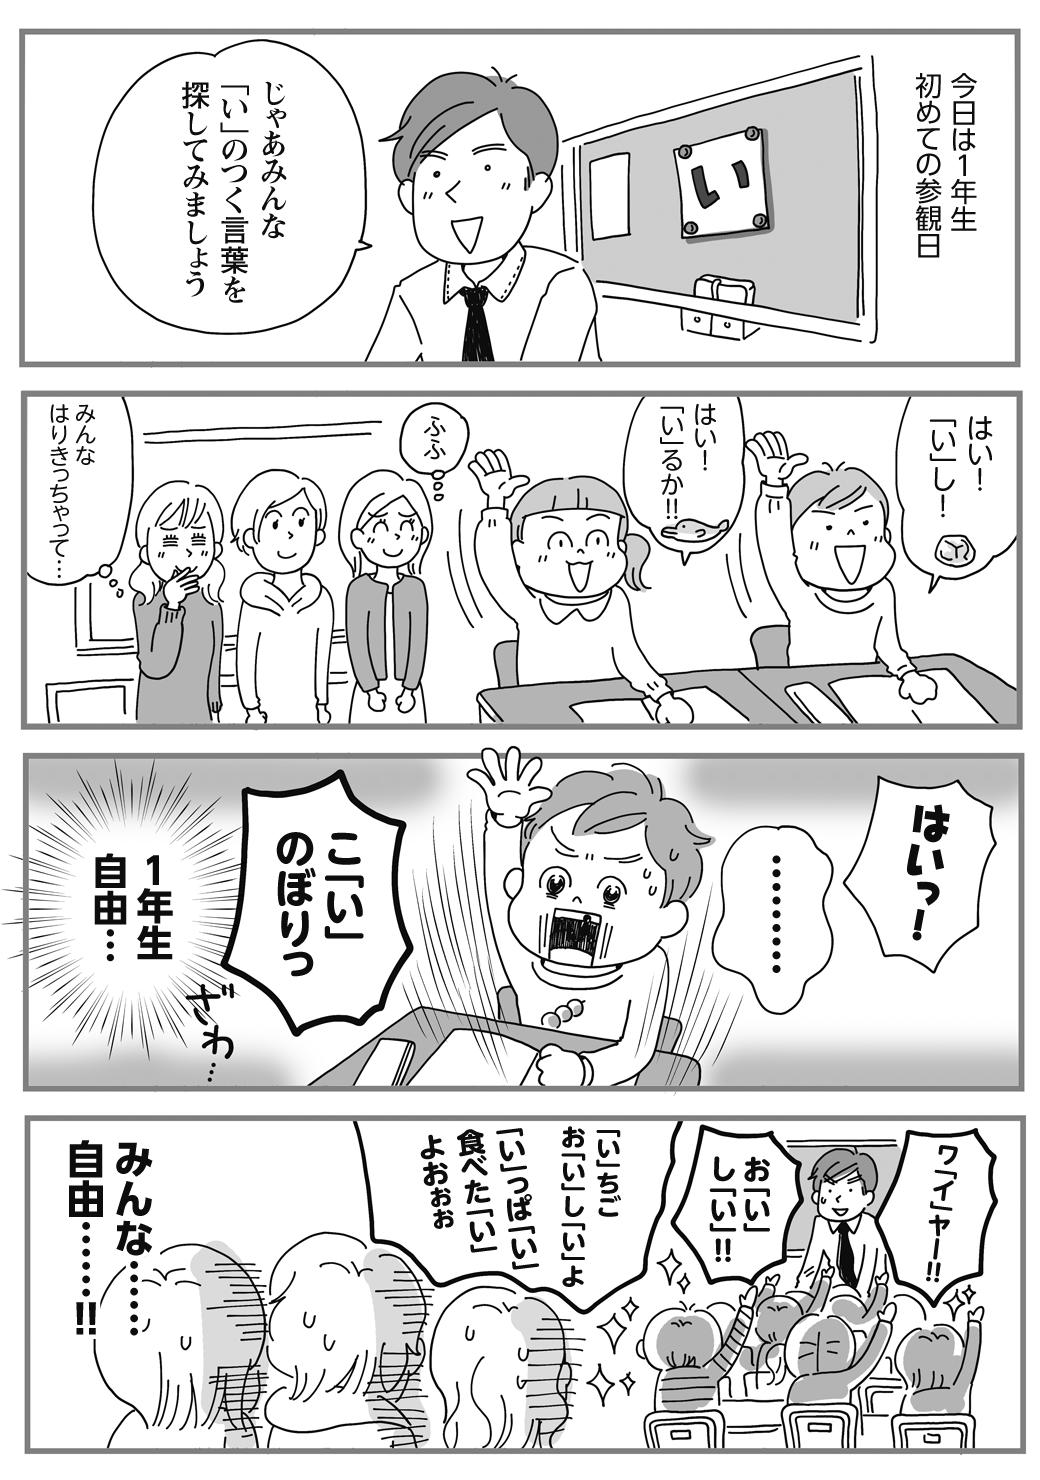 第1回 「1年生は自由!?」.png